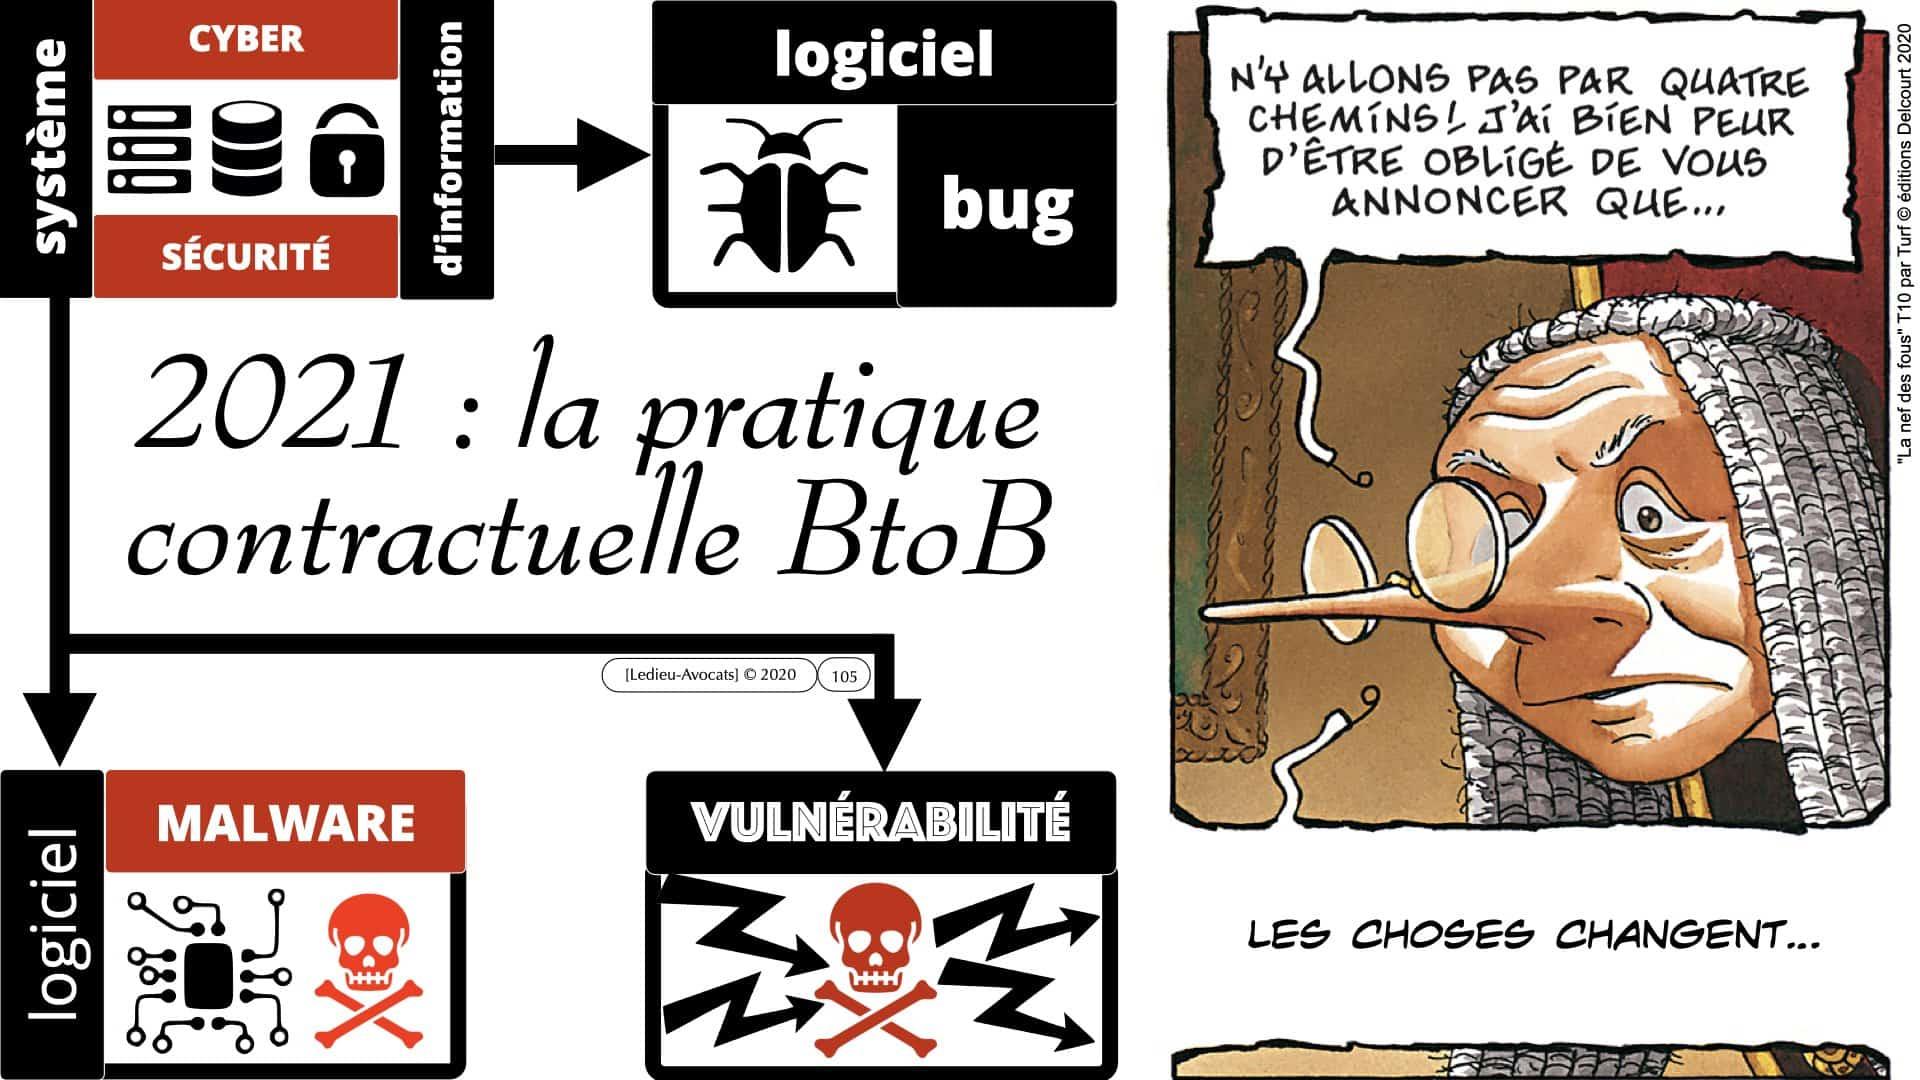 330 CYBER ATTAQUE © Ledieu-Avocats 09-03-2021.105